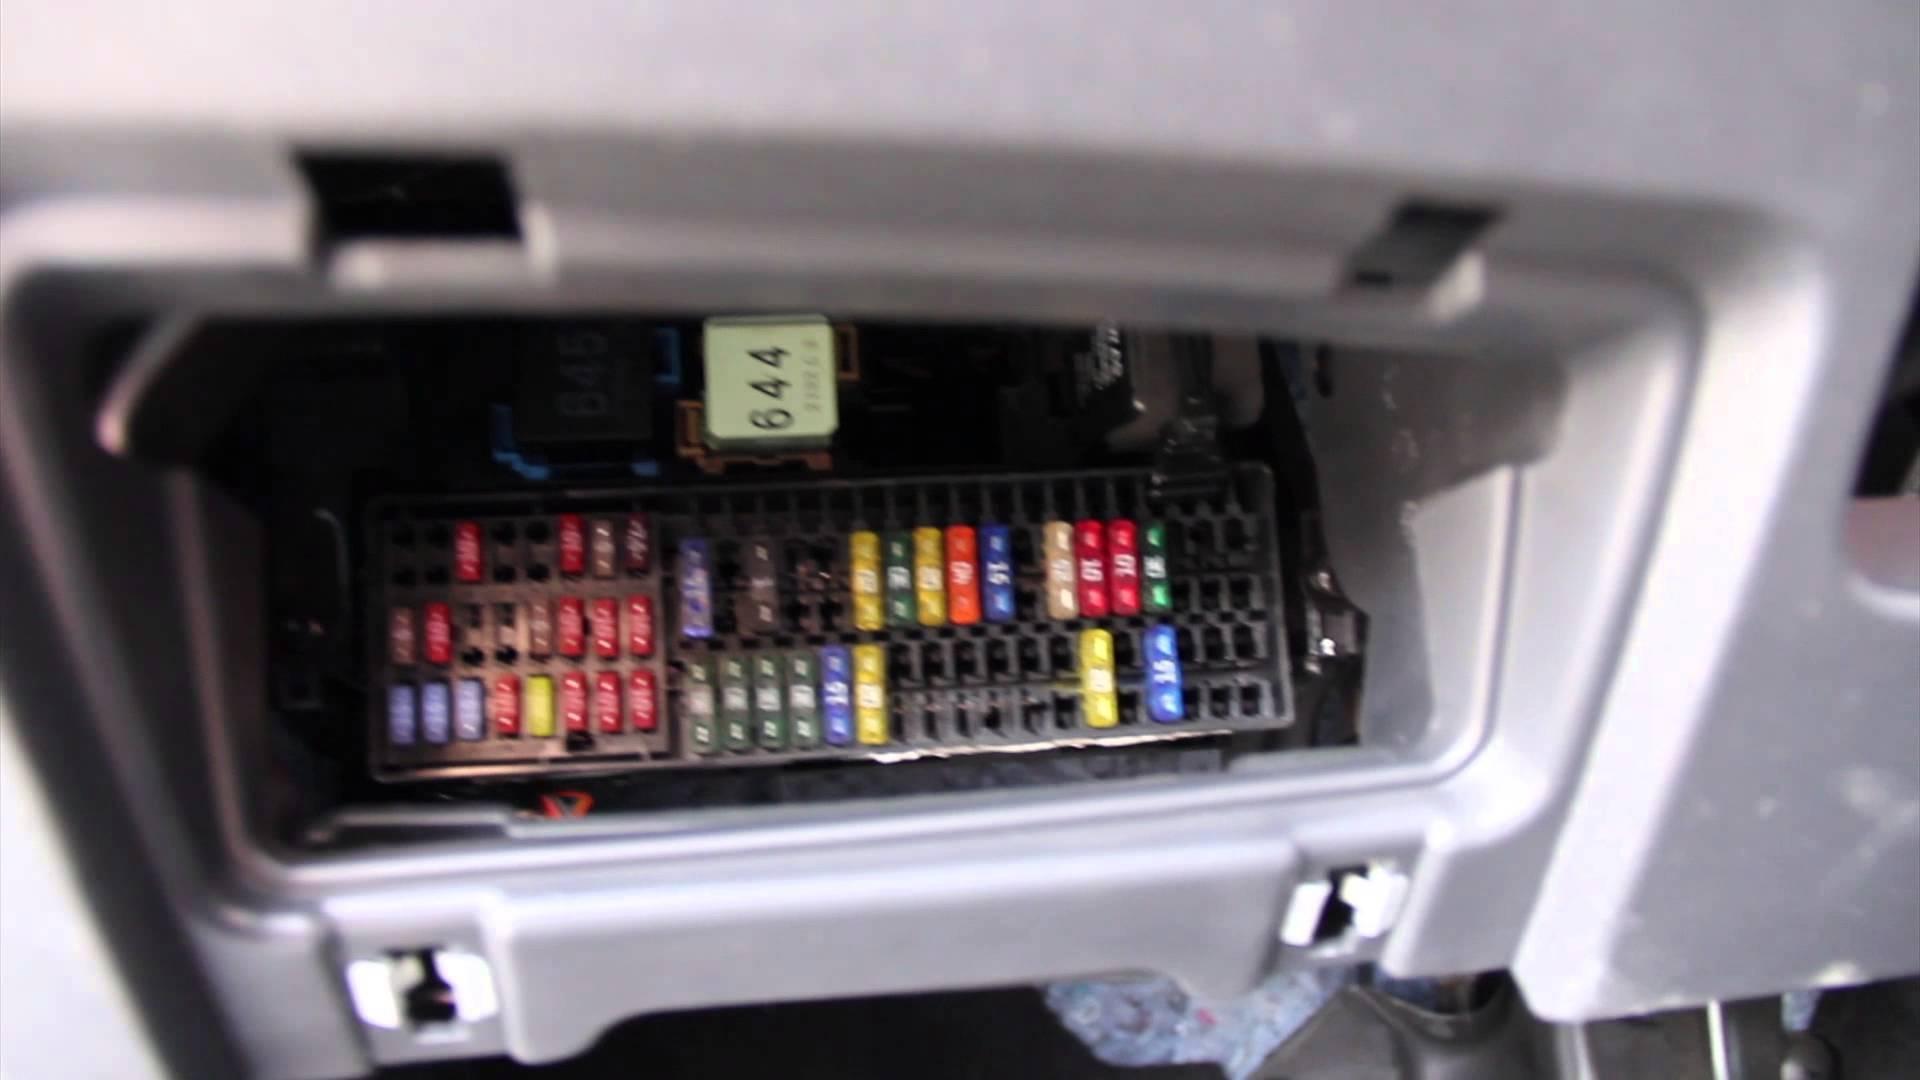 BV_8915] 2011 Volkswagen Jetta Fuse Diagram Cigarette Lighter Wiring DiagramIvoro Hila Synk Hendil Cular Eachi Barep Barba Mohammedshrine Librar Wiring  101